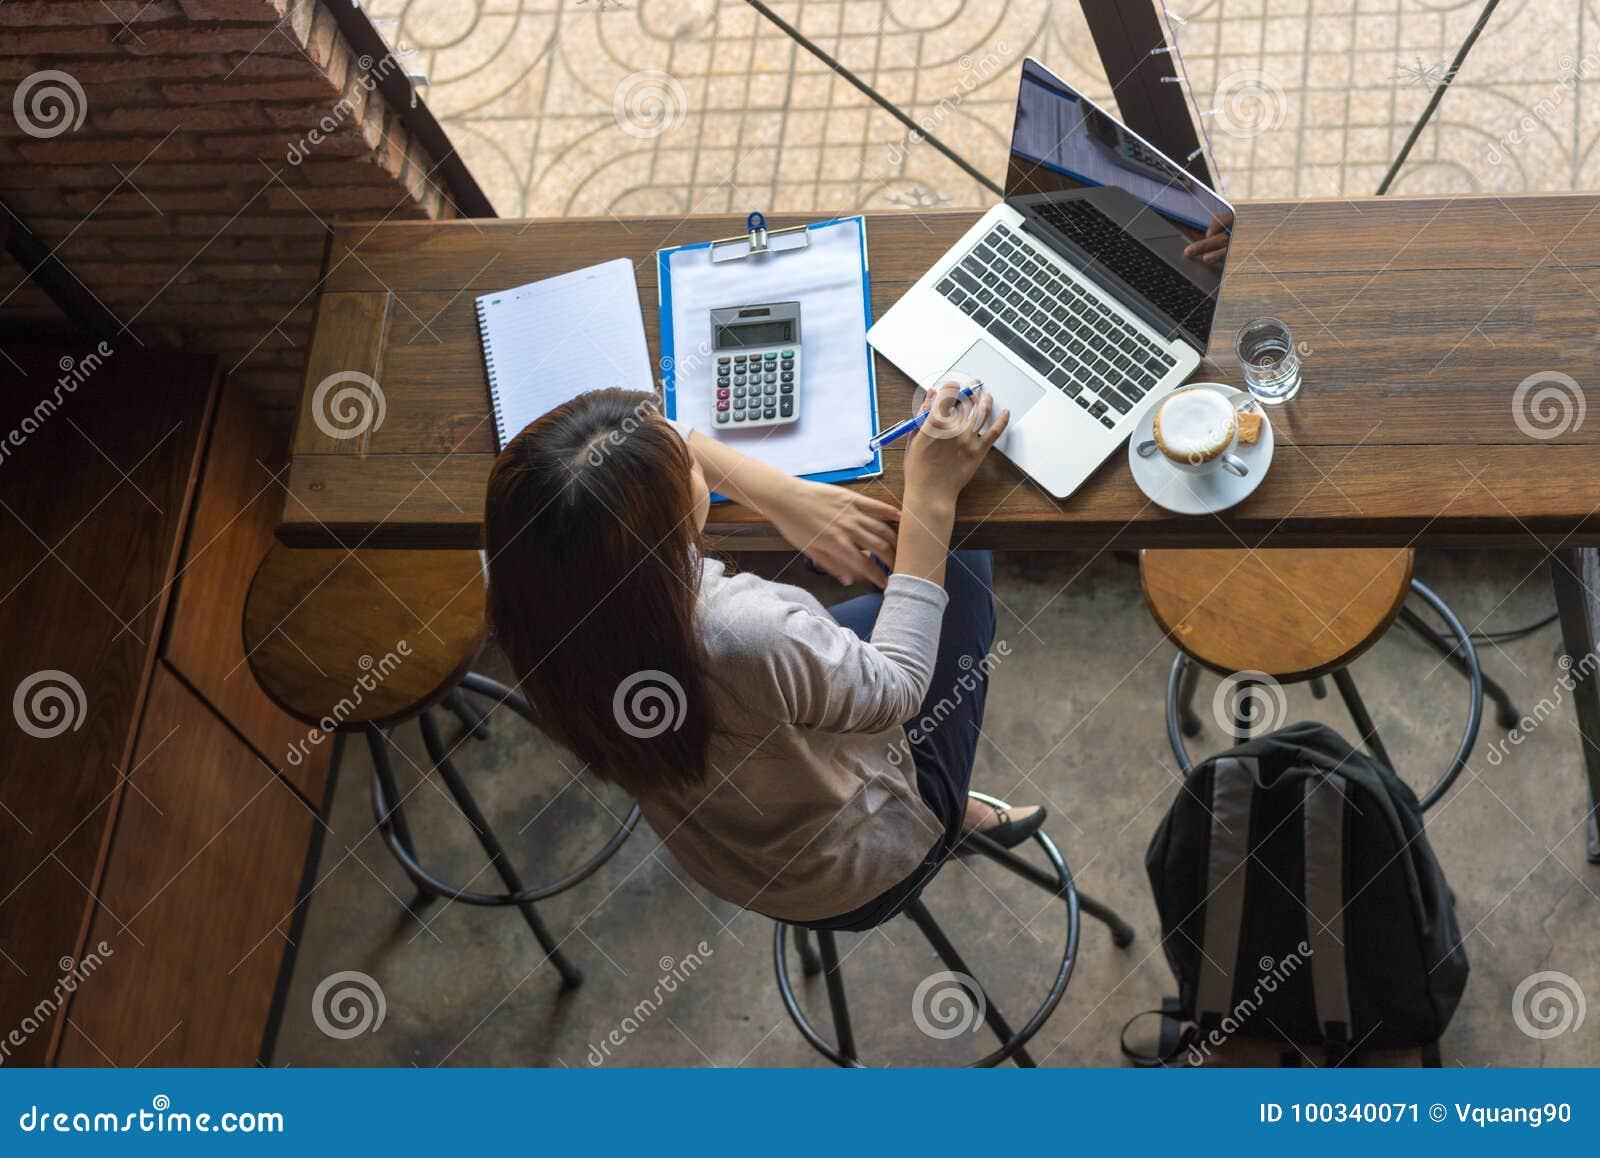 Free lance asiatiche che lavorano al computer portatile al caffè